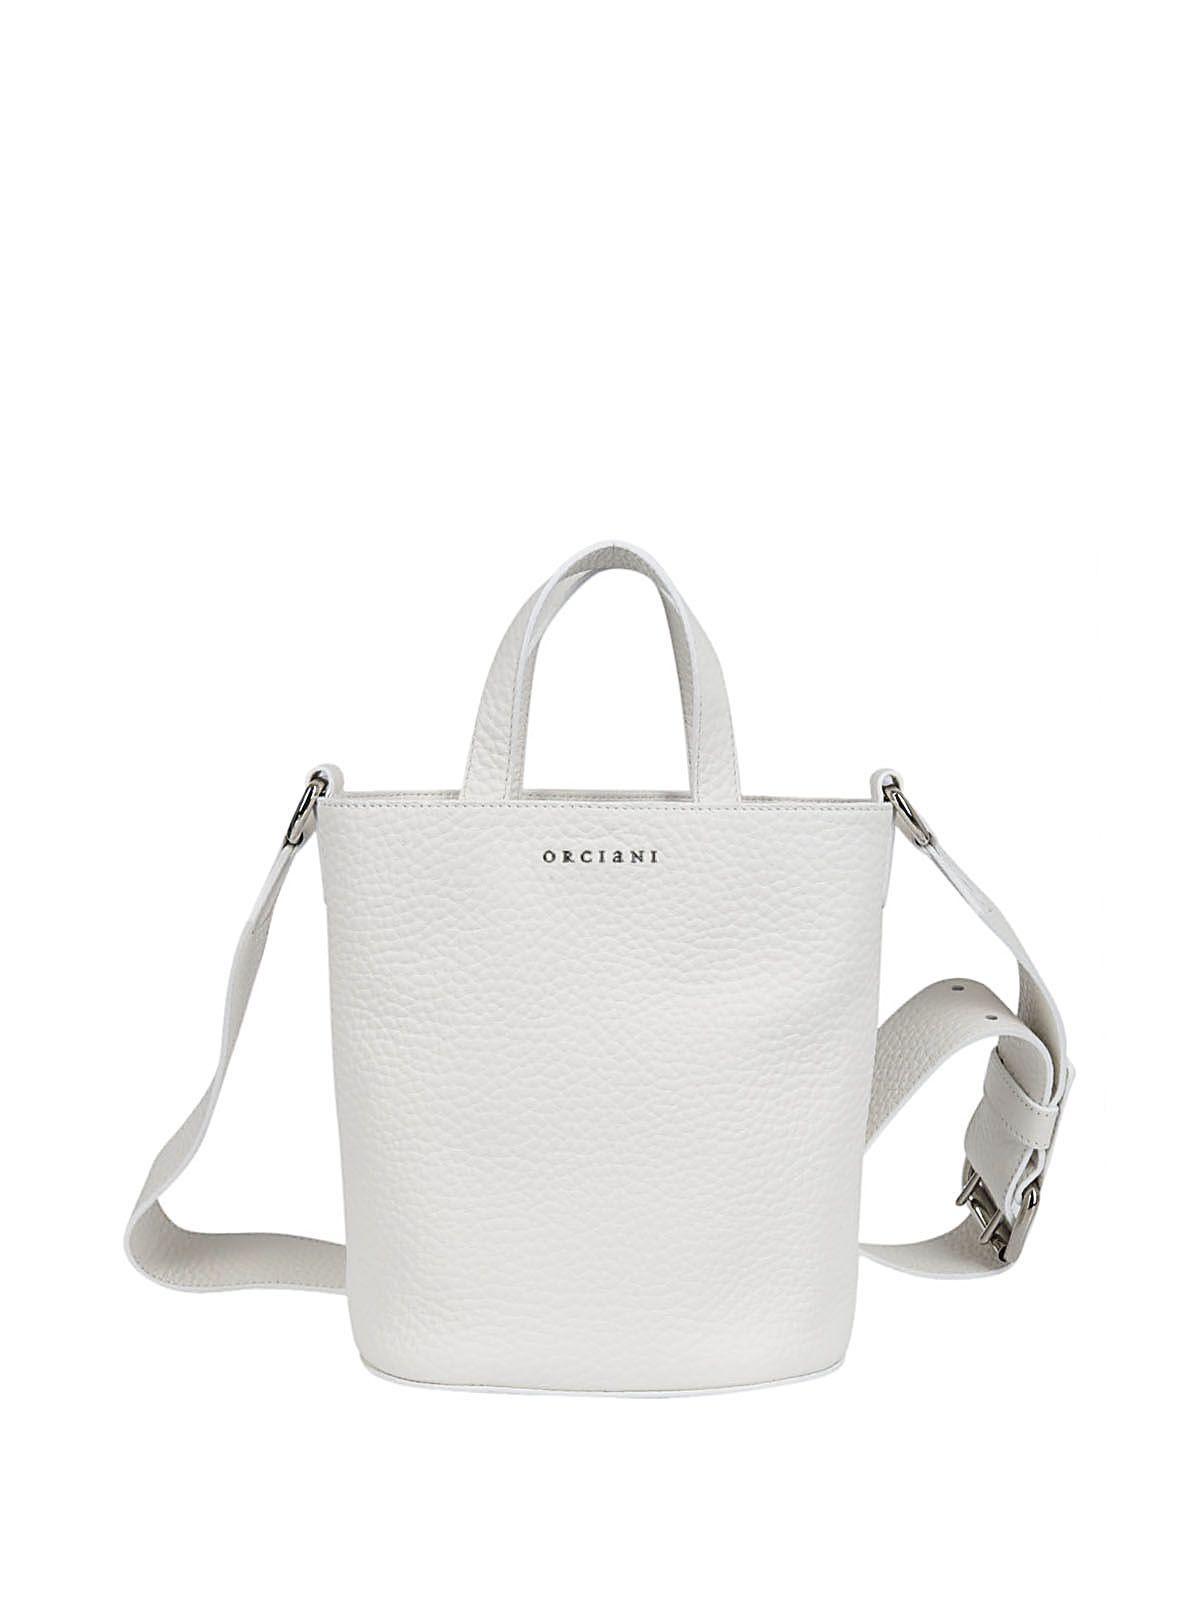 Orciani Soft Bucket Shoulder Bag In White